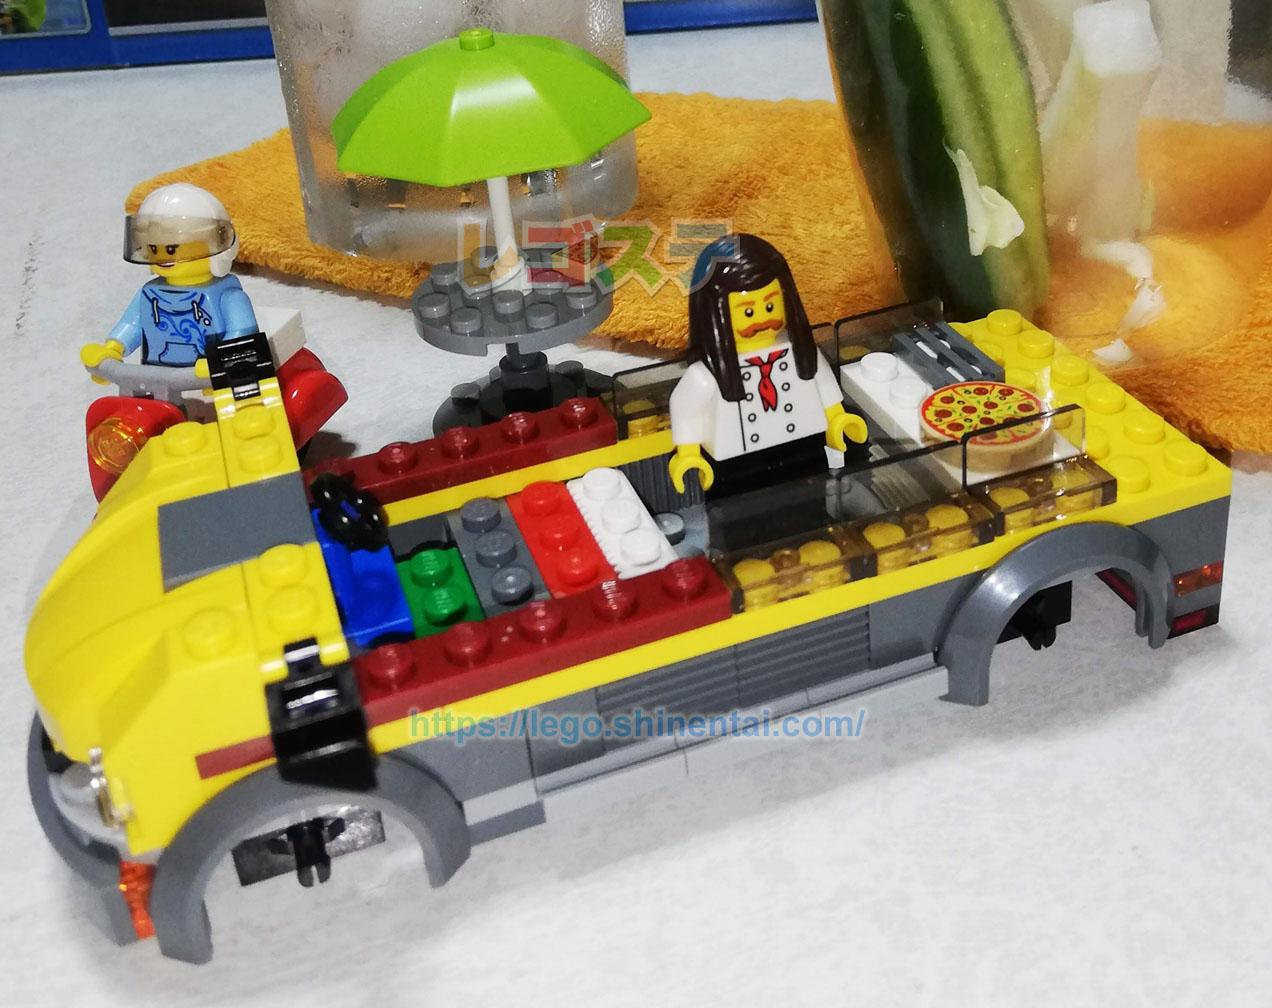 LEGOレビュー:60150 ピザショップトラック:シティ